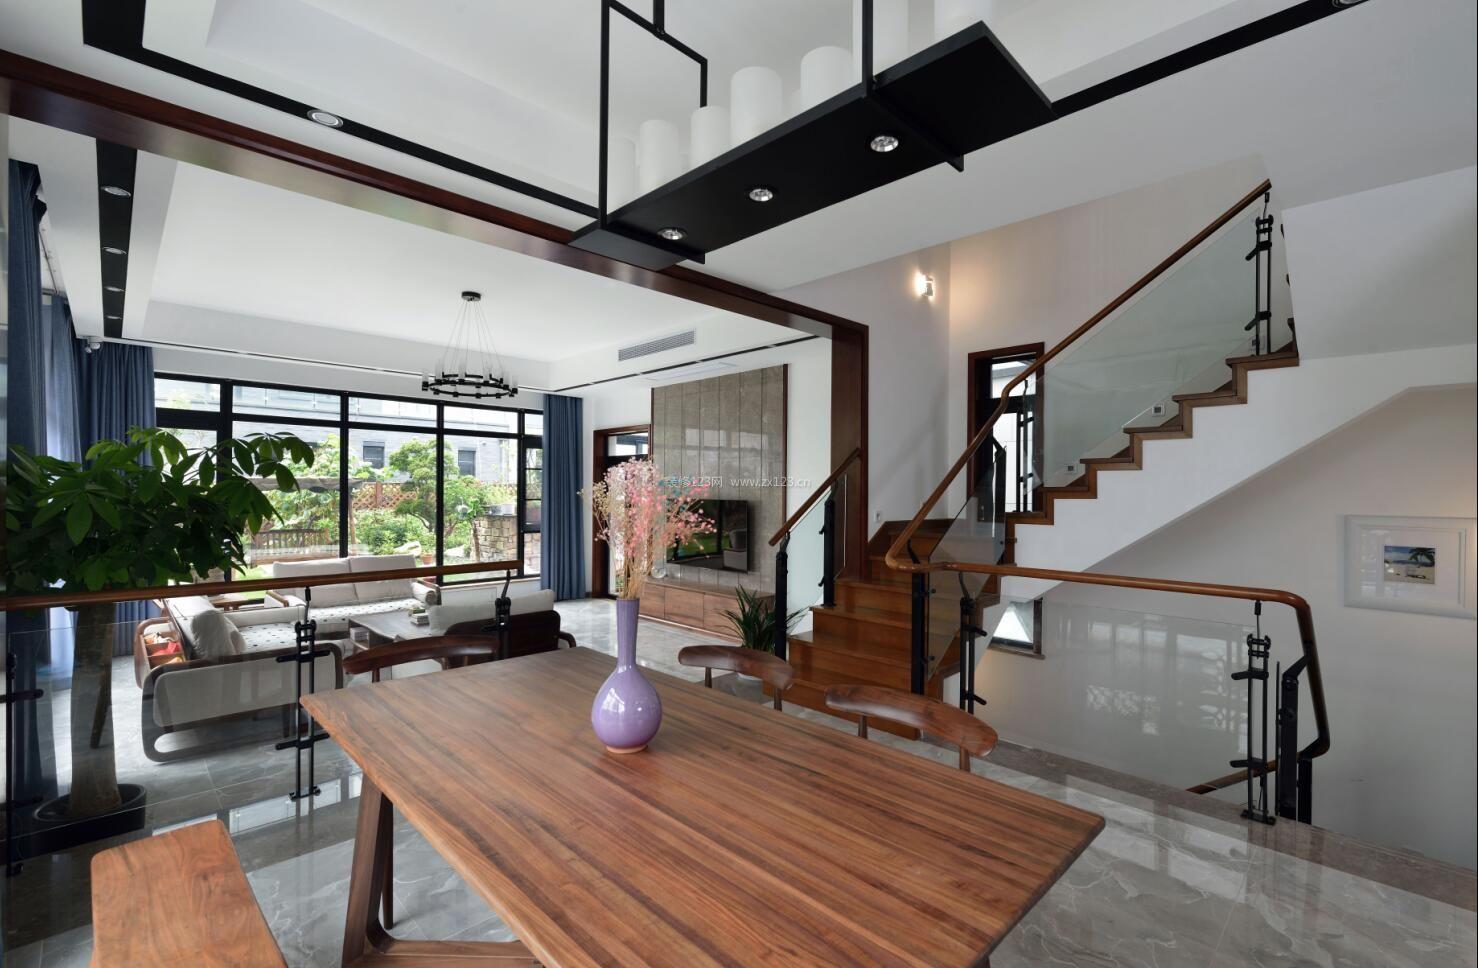 2017现代新中式别墅室内设计装修效果图片